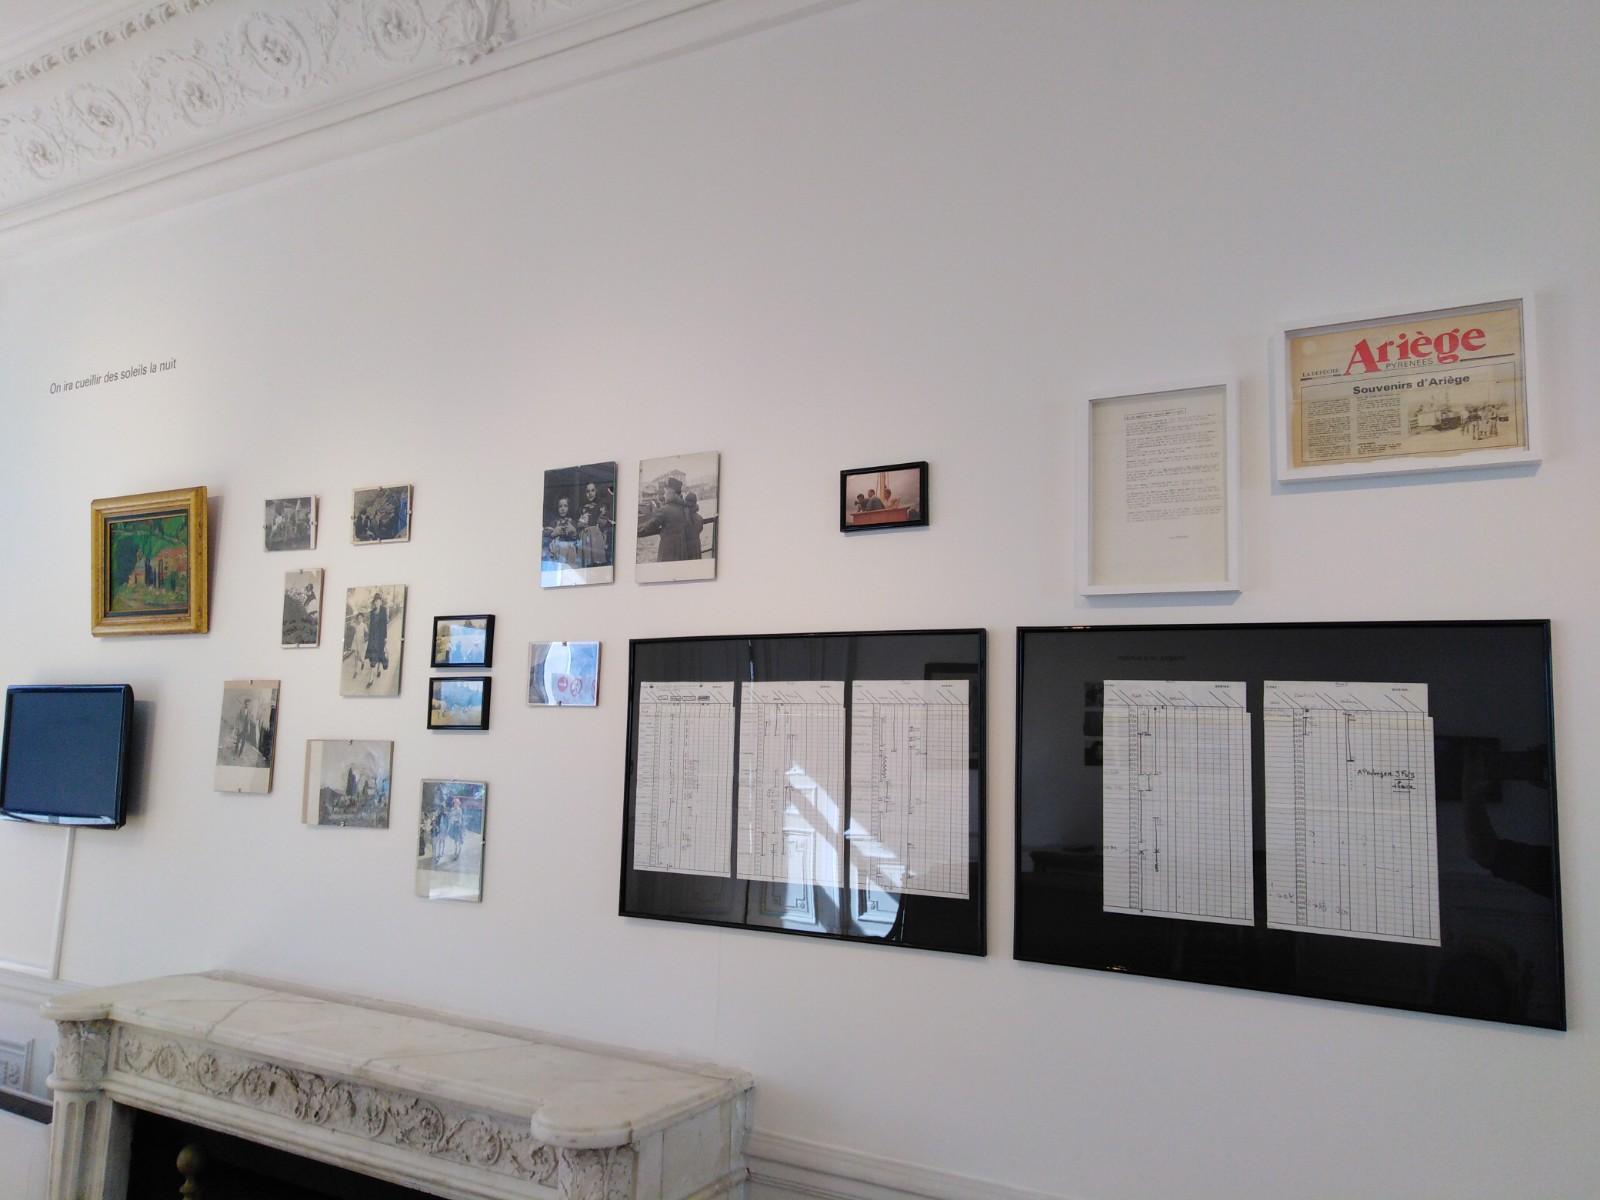 Vue de l'exposition On ira cueillir des soleils la nuit de Lise Déramond (3)